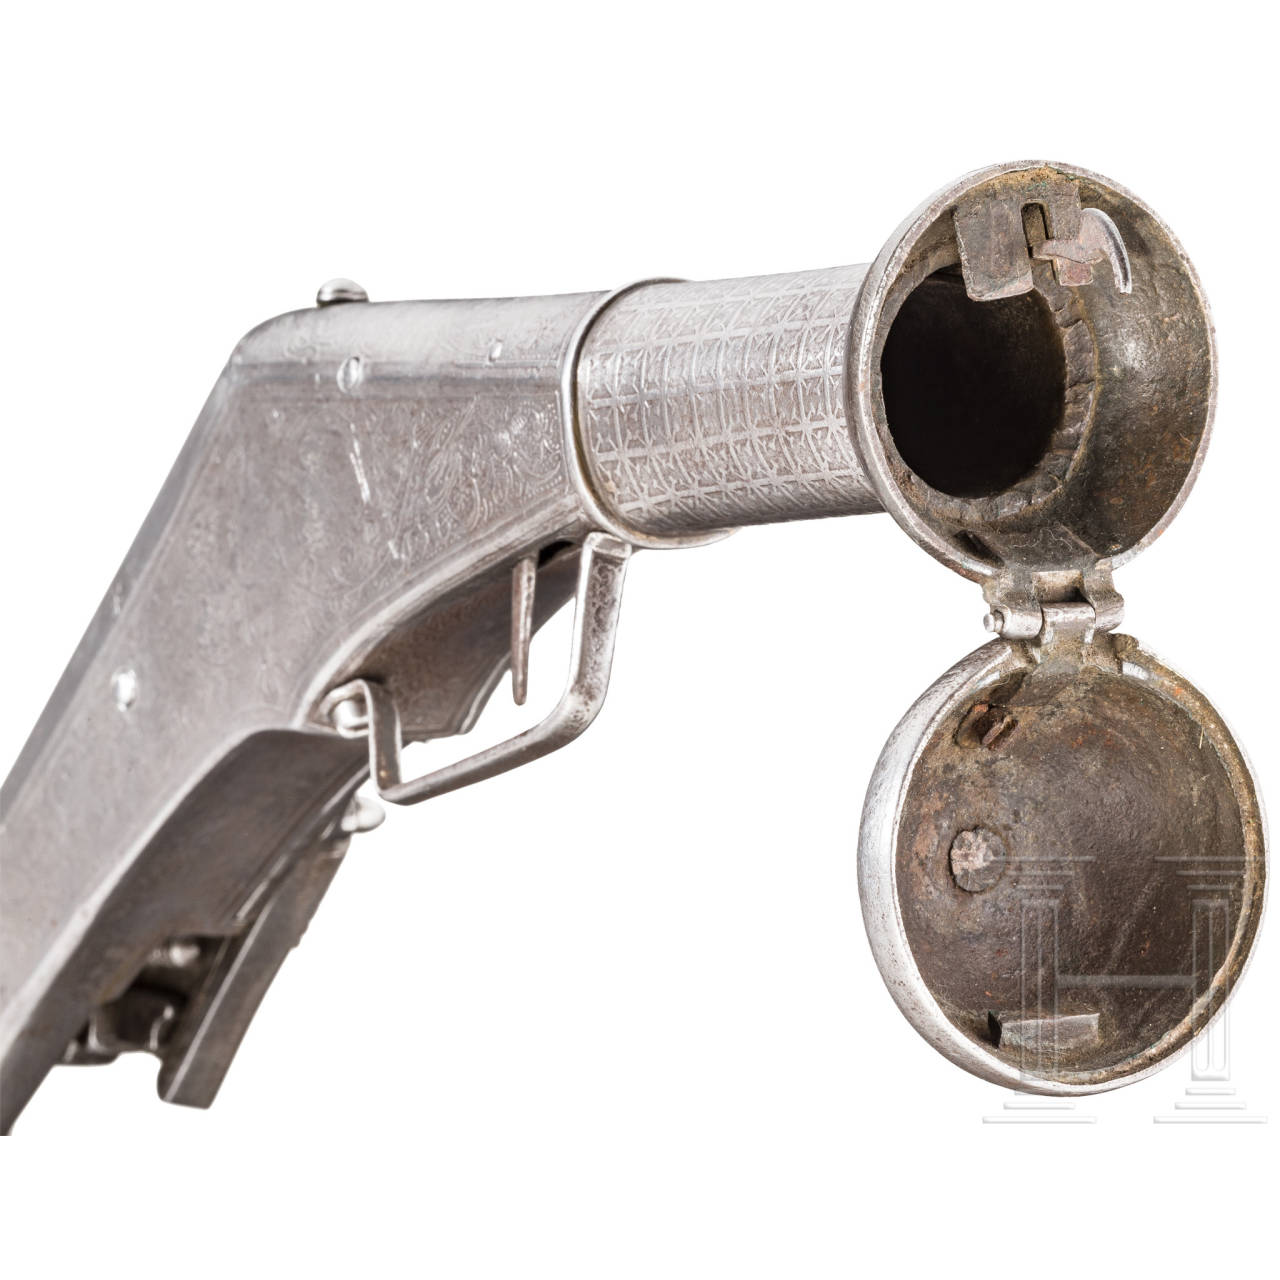 Bedeutende geätzte Ganzmetall-Radschlosspistole, Nürnberg, um 1570/80